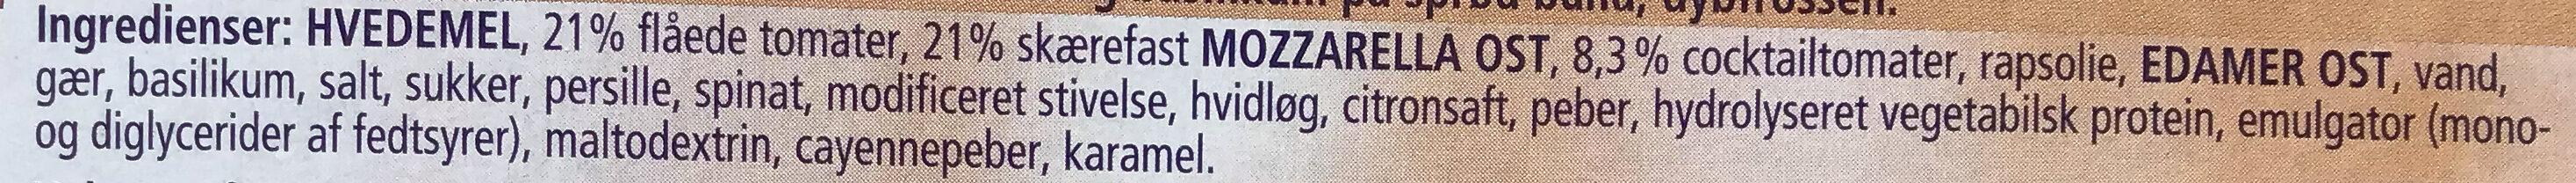 Ristorante Pizza Mozzarella - Ingredienser - da